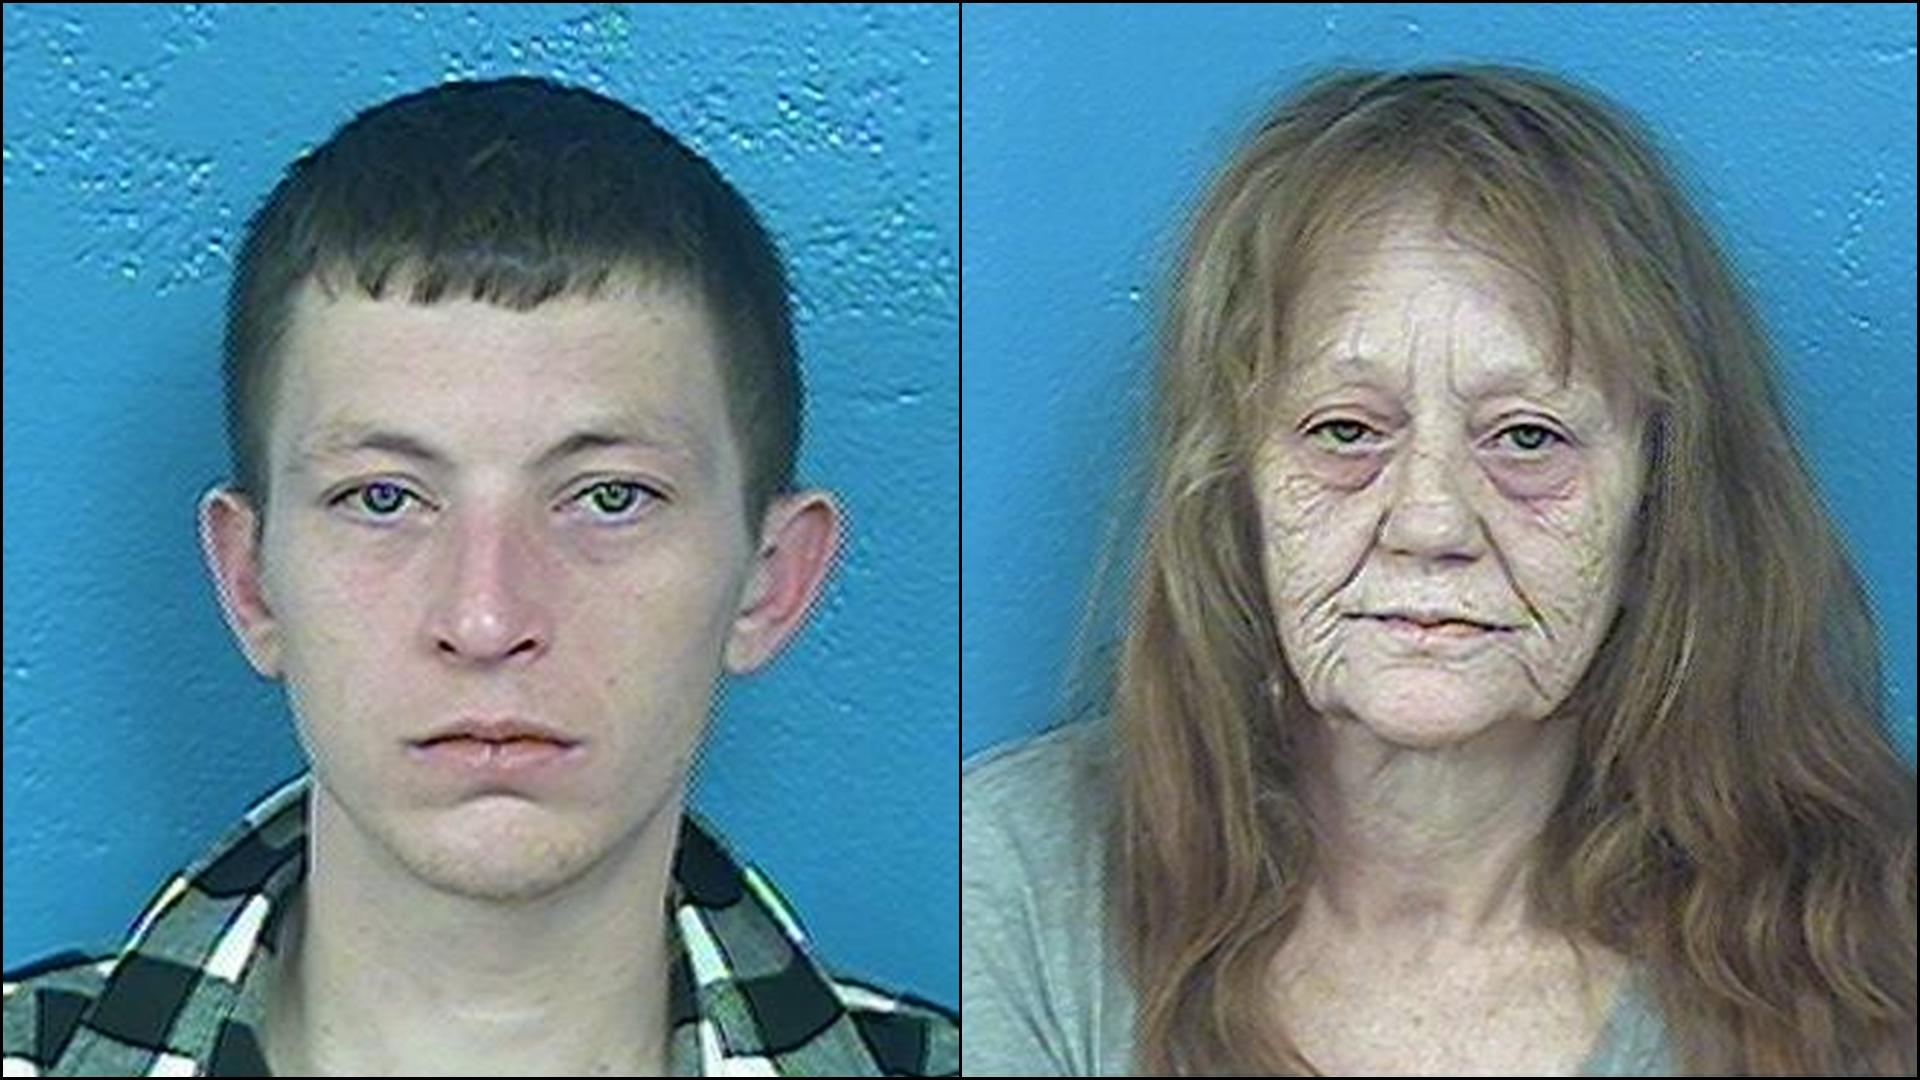 sullivan county jail tv drugs_1555359523686.jpg.jpg